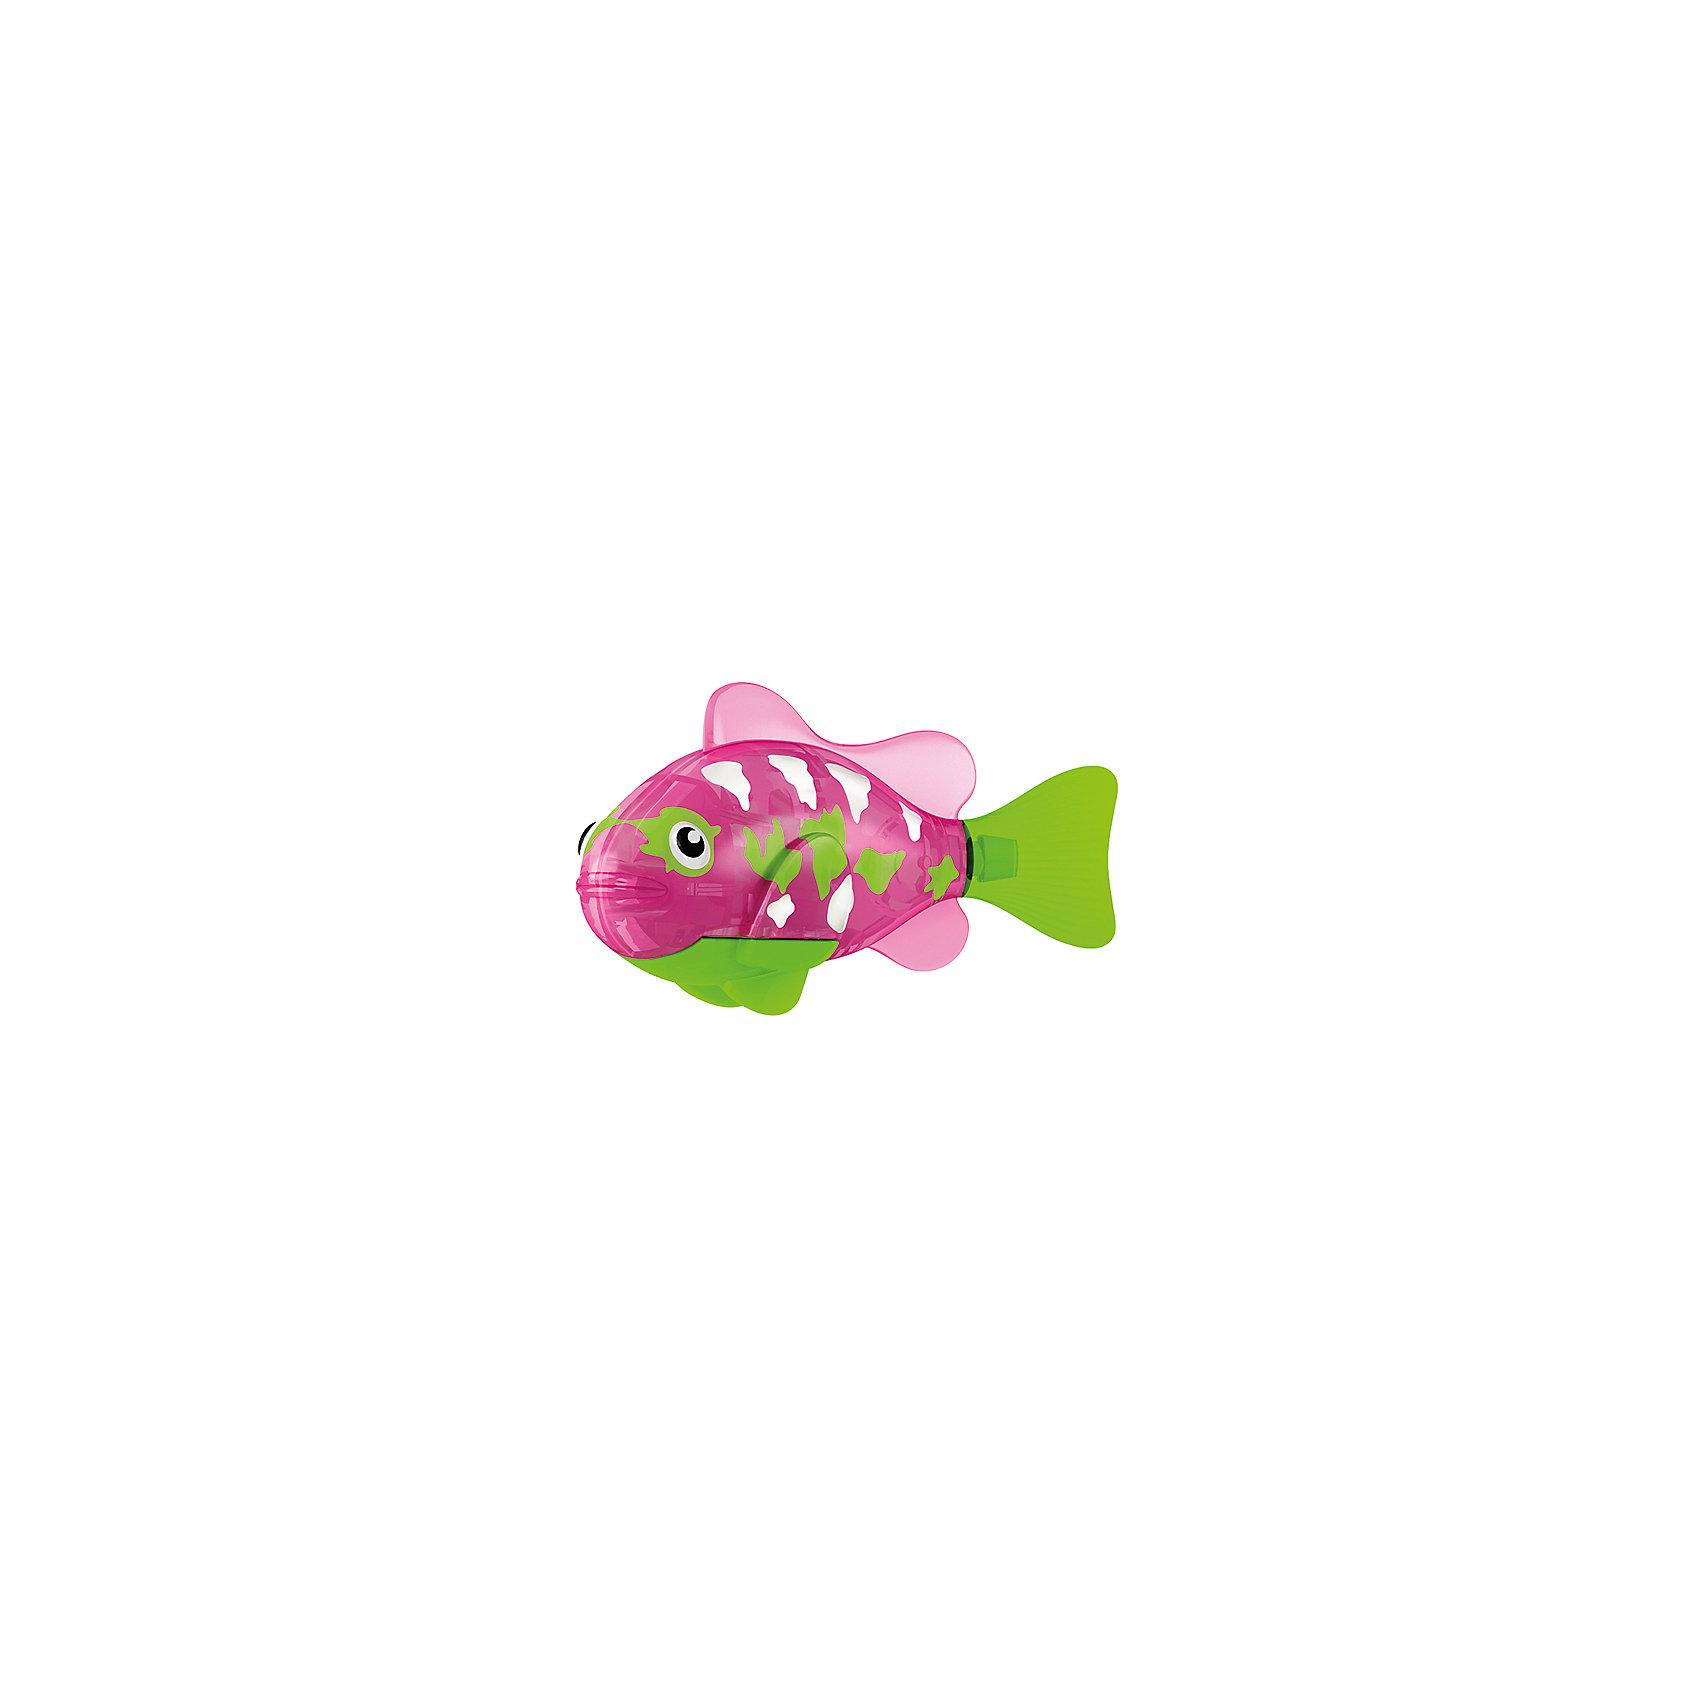 РобоРыбка Собачка, RoboFishТропическая РобоРыбка Собачка, ZURU (Зуру) – это высокотехнологичная инновационная игрушка, имитирующая движения и повадки рыбы в воде.<br>РобоРыбка  (Robofish) тропическая Собачка розового цвета выглядит очень красиво и напоминает свою родственницу из теплых морей. Для РобоРыбки нужна только ёмкость с водой, и никакого ухода! Автоматический датчик, активирует рыбку в воде. Мягкий силиконовый хвост и электромагнитный мотор позволит ей двигаться в 5 различных направлениях: влево, вправо, вперед, вверх или вниз. Ультразвуковая герметизация на 100% защитит внутренности от проникновения воды. РобоРыбка повторяет повадки настоящих рыб: опускается на дно и всплывает на поверхность, сбивается в стаи с другими роборыбками, трется о стенки аквариума, меняет скорость движения, оплывает преграды. Внутри рыбки в крышке под батарейками находится специальный грузик, регулирующий глубину ее погружения. Для того, чтобы рыбка перестала двигаться нужно достать её из воды и насухо вытереть. Хранить РобоРыбку можно на специальной подставке, которая есть в комплекте. Игрушка выполнена из материалов абсолютно безопасных для здоровья.<br><br>Дополнительная информация:<br><br>- Возраст: для детей от 3 лет<br>- В комплекте: 1 рыбка, подставка, 4 батарейки (две установлены в игрушку и 2 запасные)<br>- Батарейки: тип RL44 (A76)<br>- Размер рыбки: 7,5 x 2,0 x 3,5 см.<br>- Материал: пластик с элементами металла и резины<br>- Вес в упаковке: 72 г.<br>- Размер упаковки: 20 x 6,5 x 5 см.<br><br>Тропическая РобоРыбка (Робофиш) Собачка, ZURU (Зуру) - заведите себе аквариум, обитатели которого порадуют и развлекут Вас своими забавными повадками и при этом совсем не потребуют никакого ухода!<br><br>Тропическую РобоРыбку Собачка, ZURU (Зуру) можно купить в нашем интернет-магазине.<br><br>Ширина мм: 435<br>Глубина мм: 240<br>Высота мм: 405<br>Вес г: 216<br>Возраст от месяцев: 48<br>Возраст до месяцев: 96<br>Пол: Женский<br>Возраст: Детский<br>SKU: 3609988